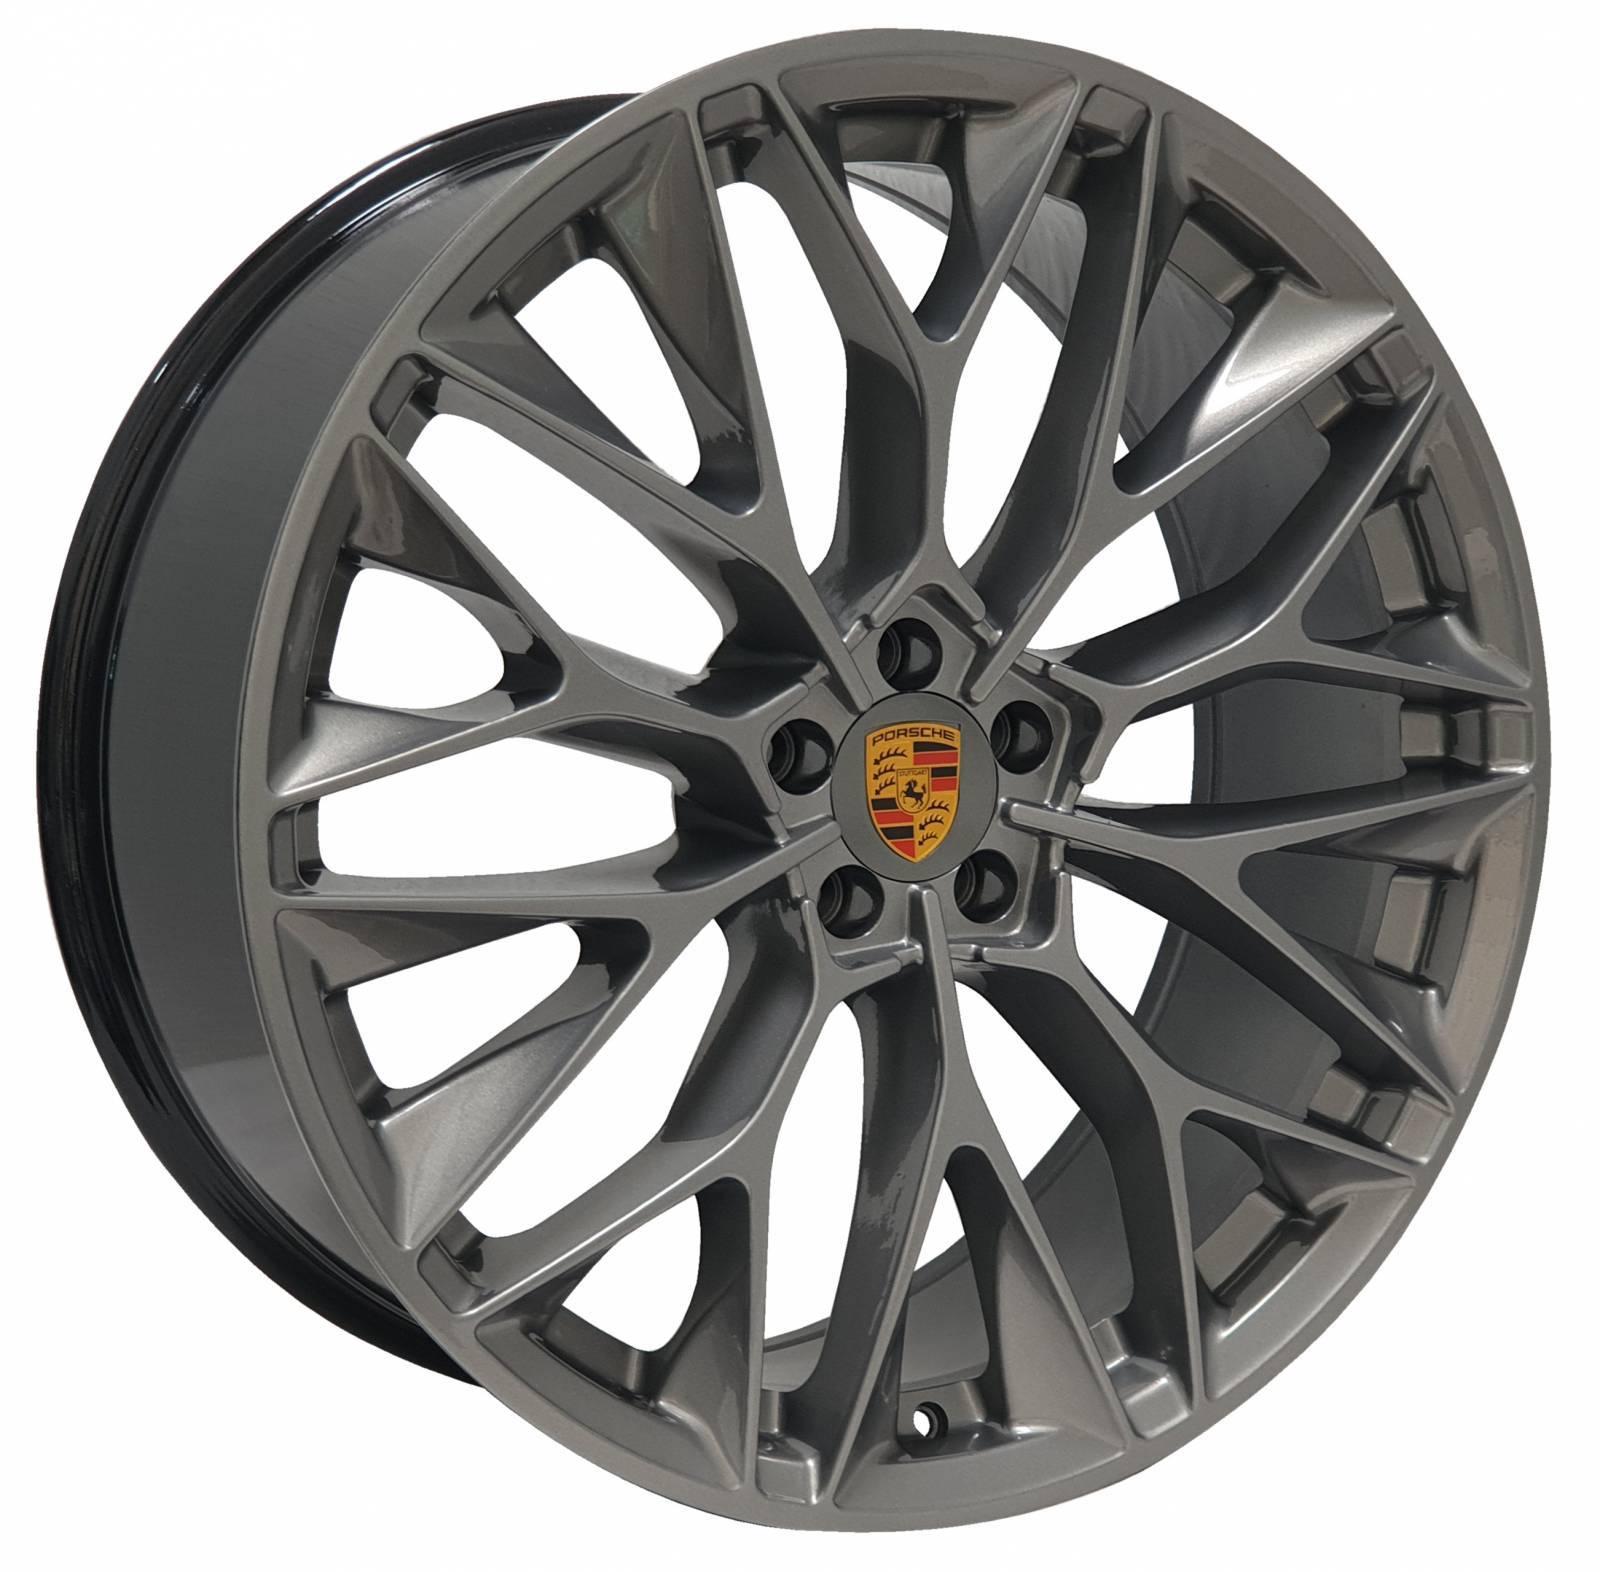 Jogo Rodas Porsche P-200 ZWPC1 22X90 5X113 ET:40 CB:72 Grafite Brilhante